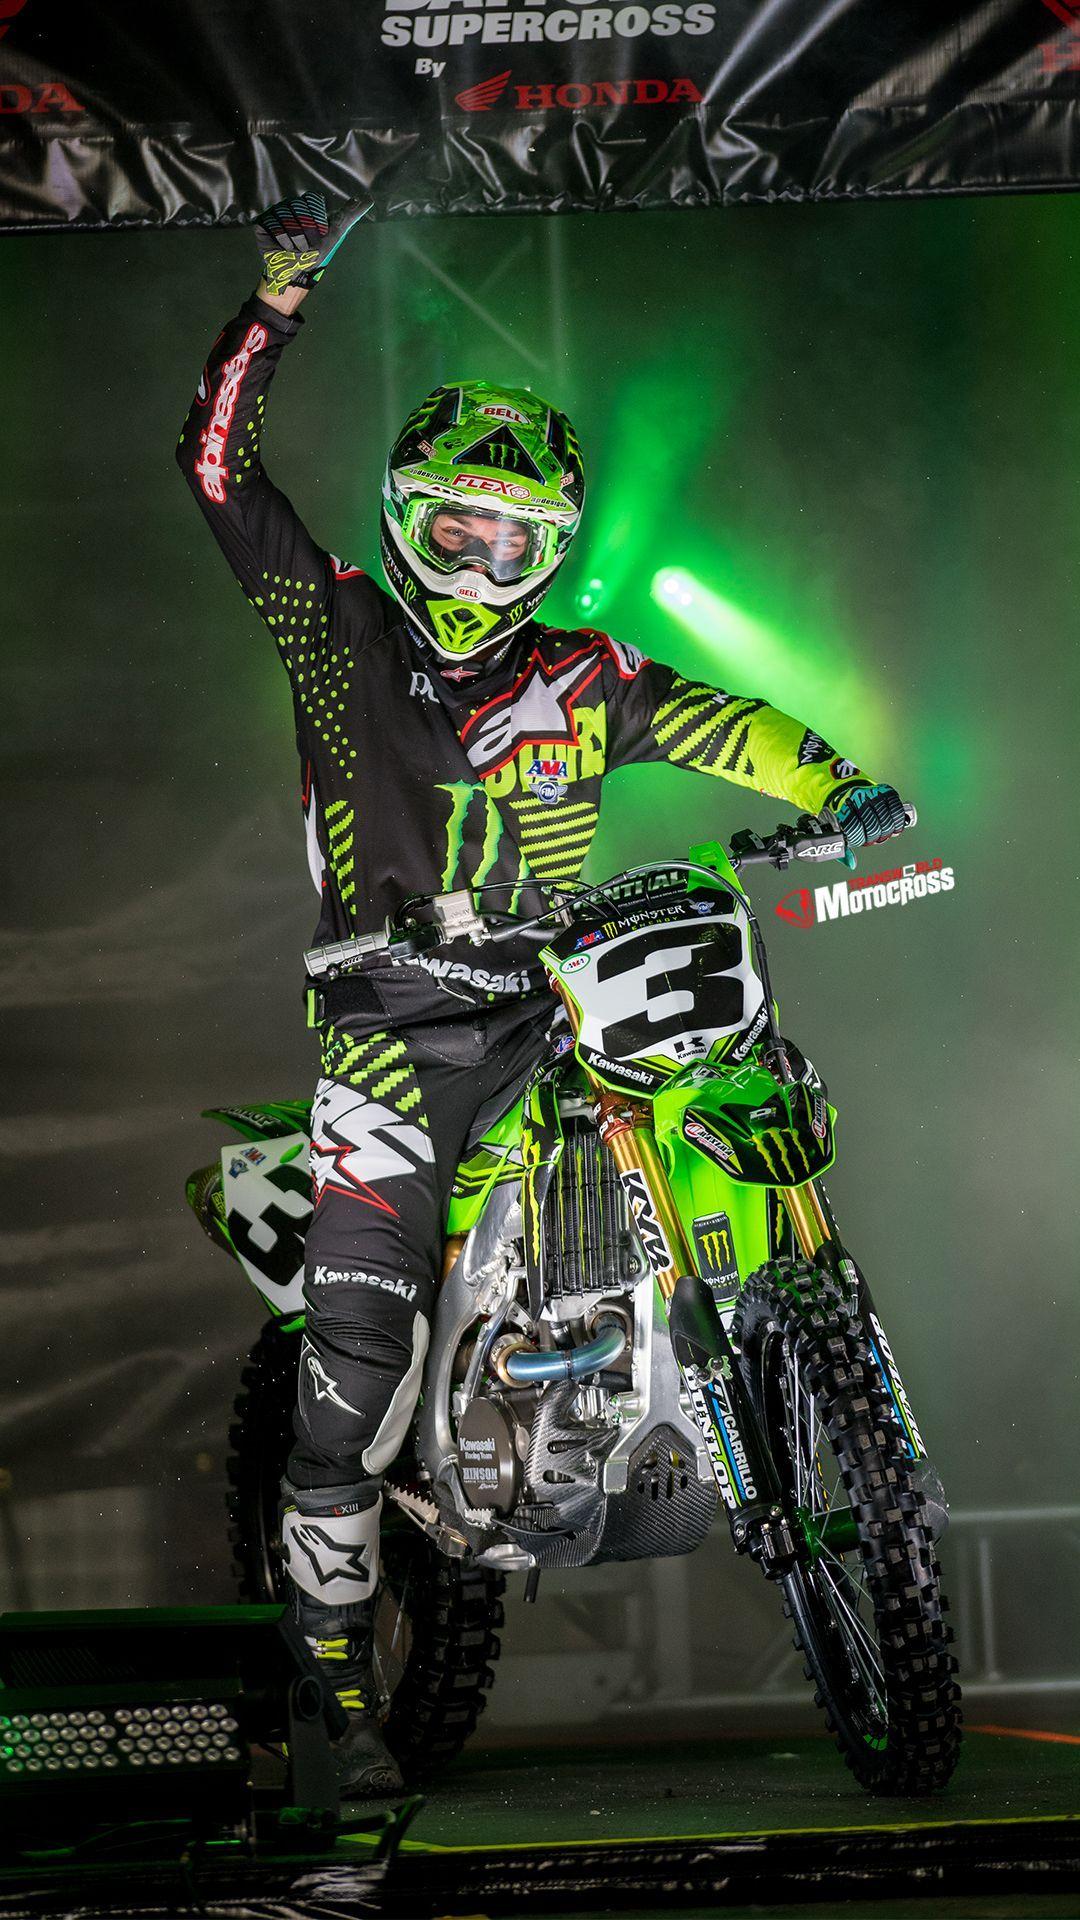 Wallpaper Motocross 4k Celular Motocross Kawasaki Dirt Bikes Enduro Motocross